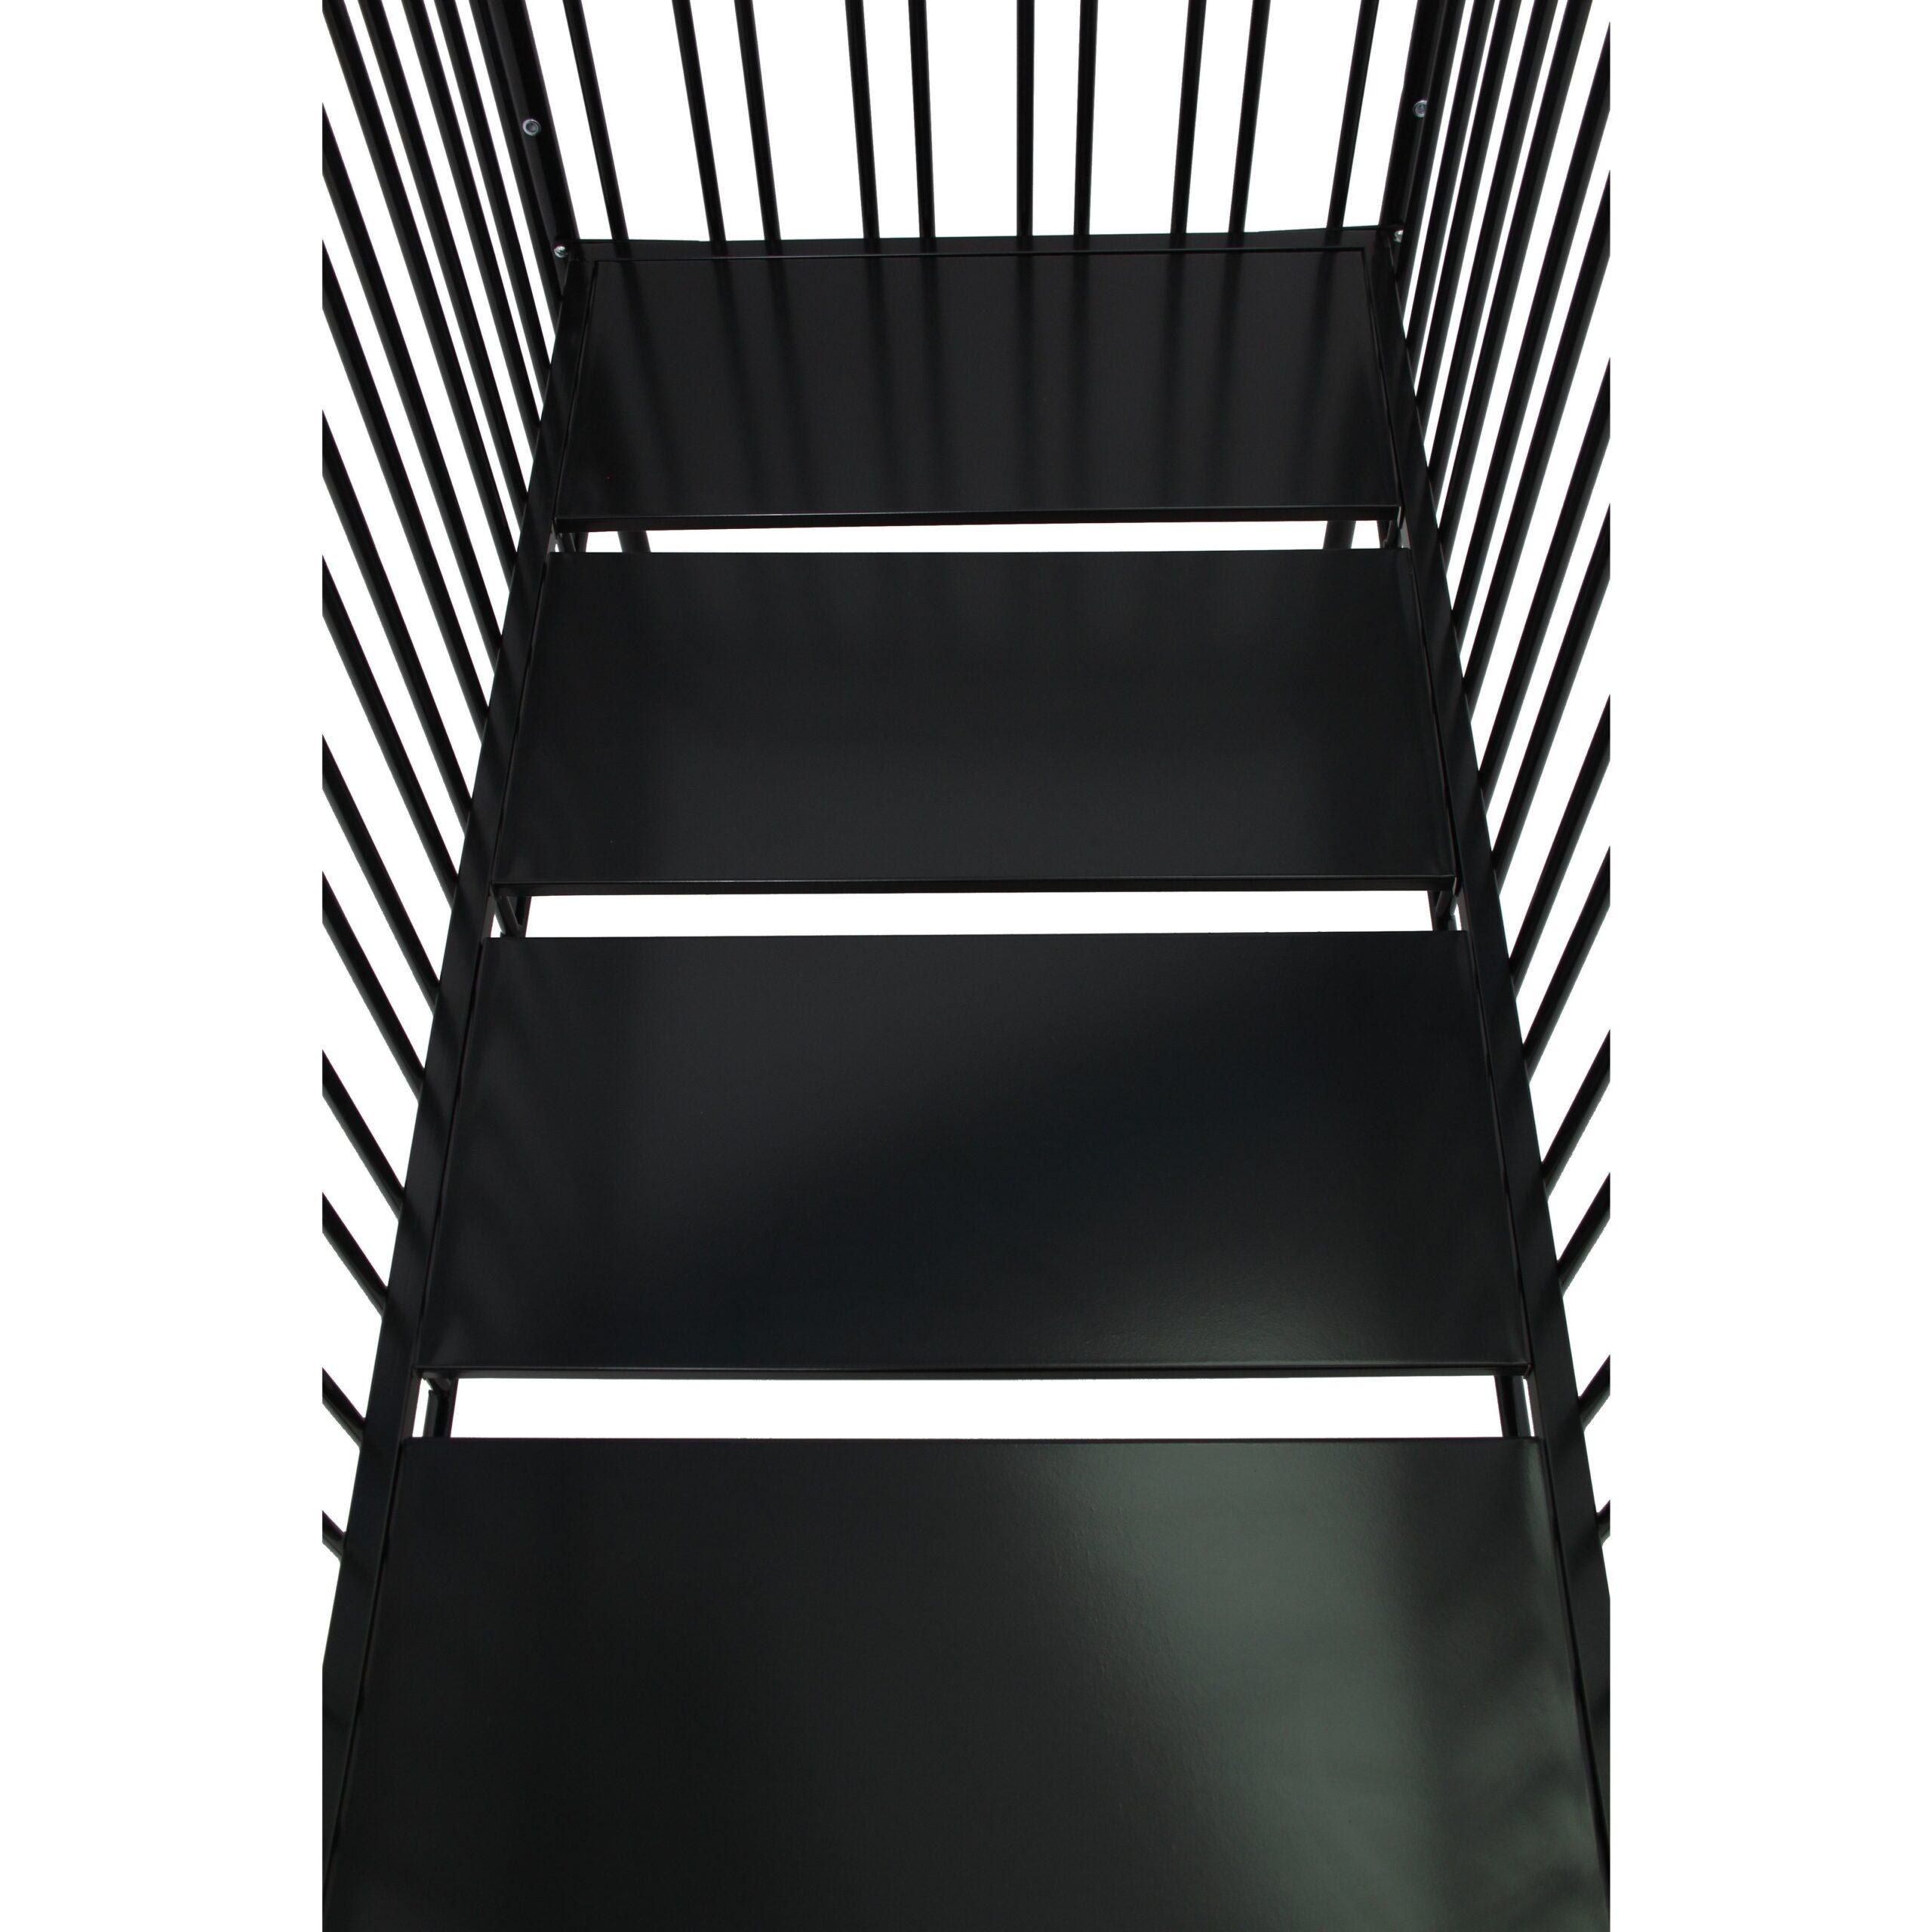 Full Size of Babybett Schwarz Kinderbett Gitterbett Aus Metall Polini 150 Schwarze Küche Schwarzes Bett Weiß 180x200 Wohnzimmer Babybett Schwarz